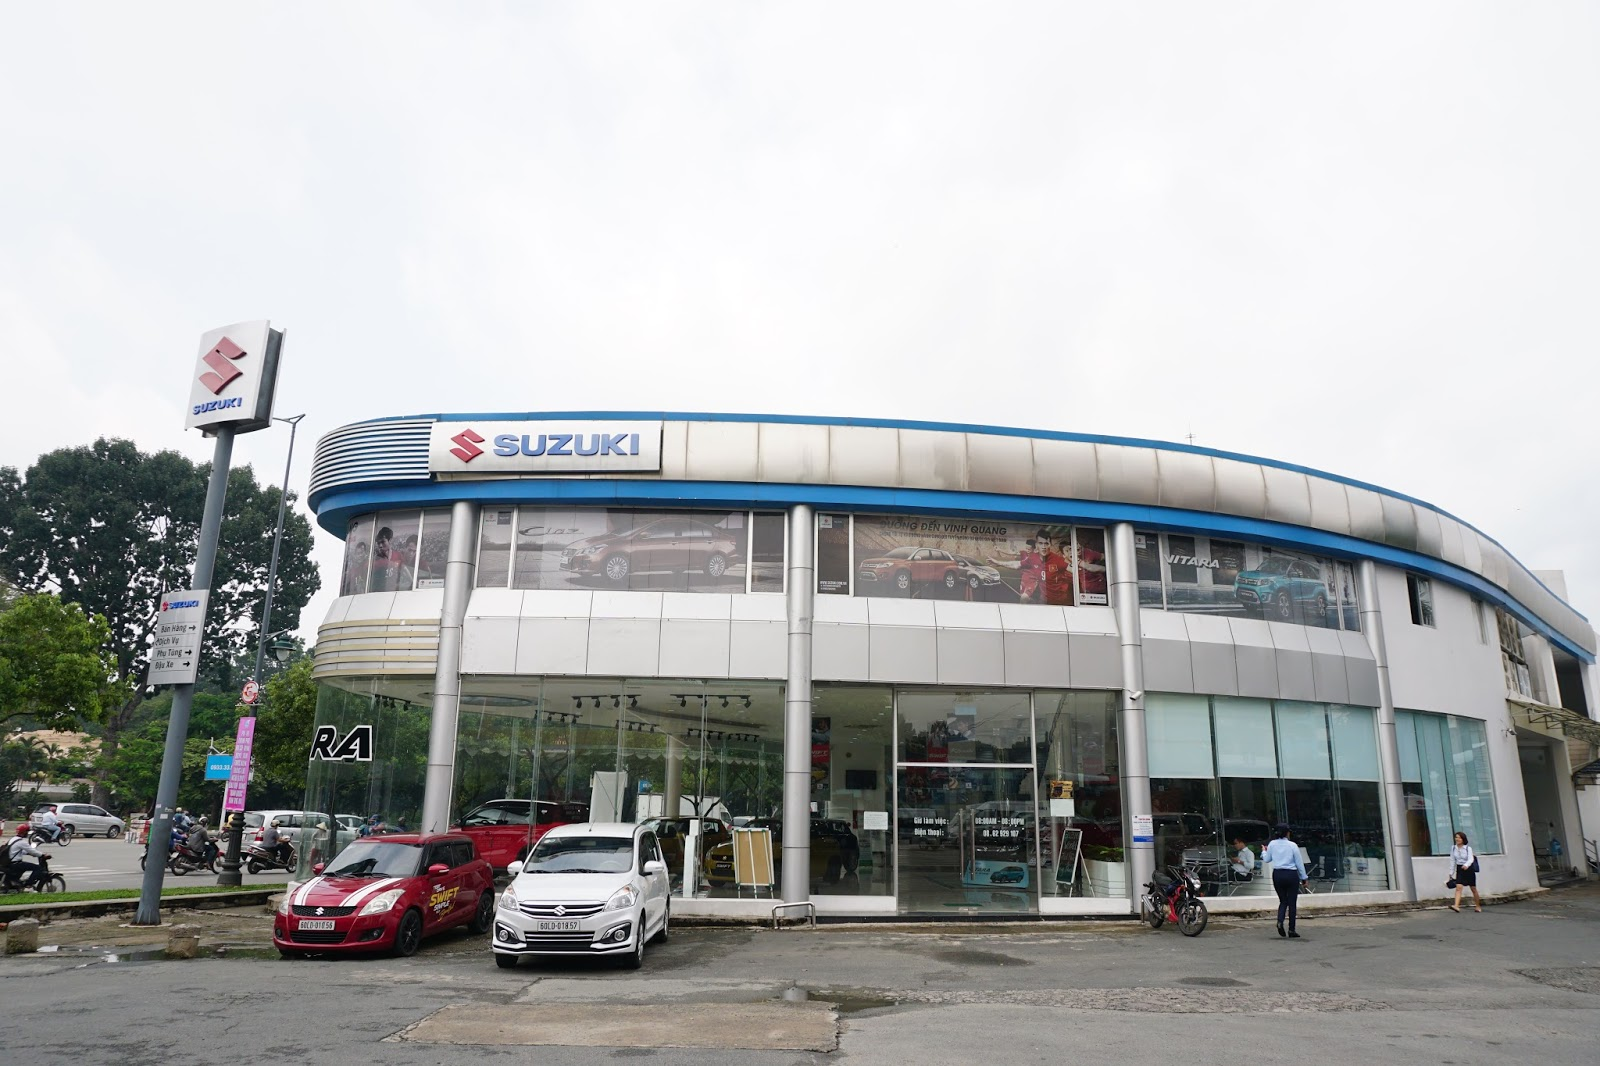 Suzuki World Phổ Quang nằm ở số 2 Phổ Quang, Tân Bình là một trong những showrom lớn nhất của Suzuki tại Việt Nam